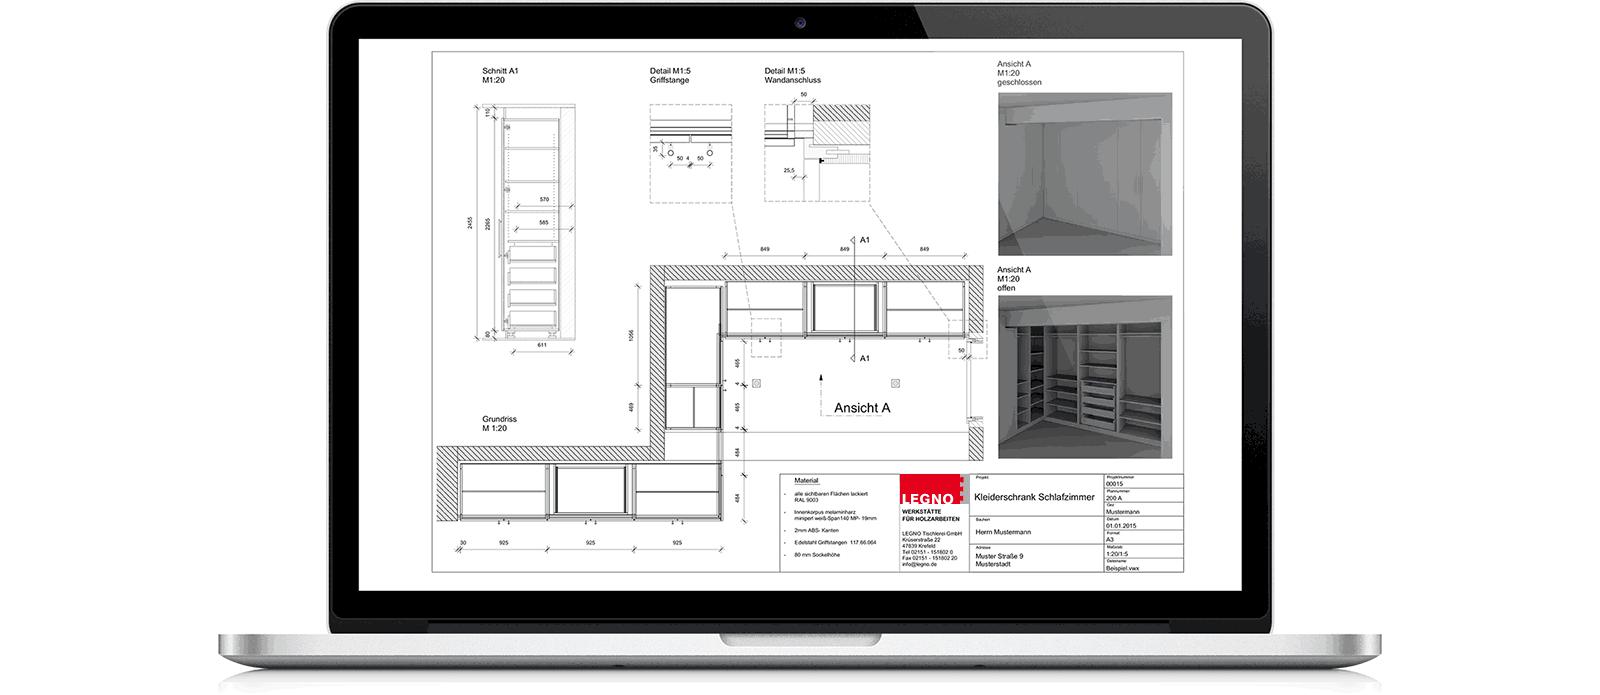 Beispiel einer Konstruktionszeichnung der Firma LEGNO